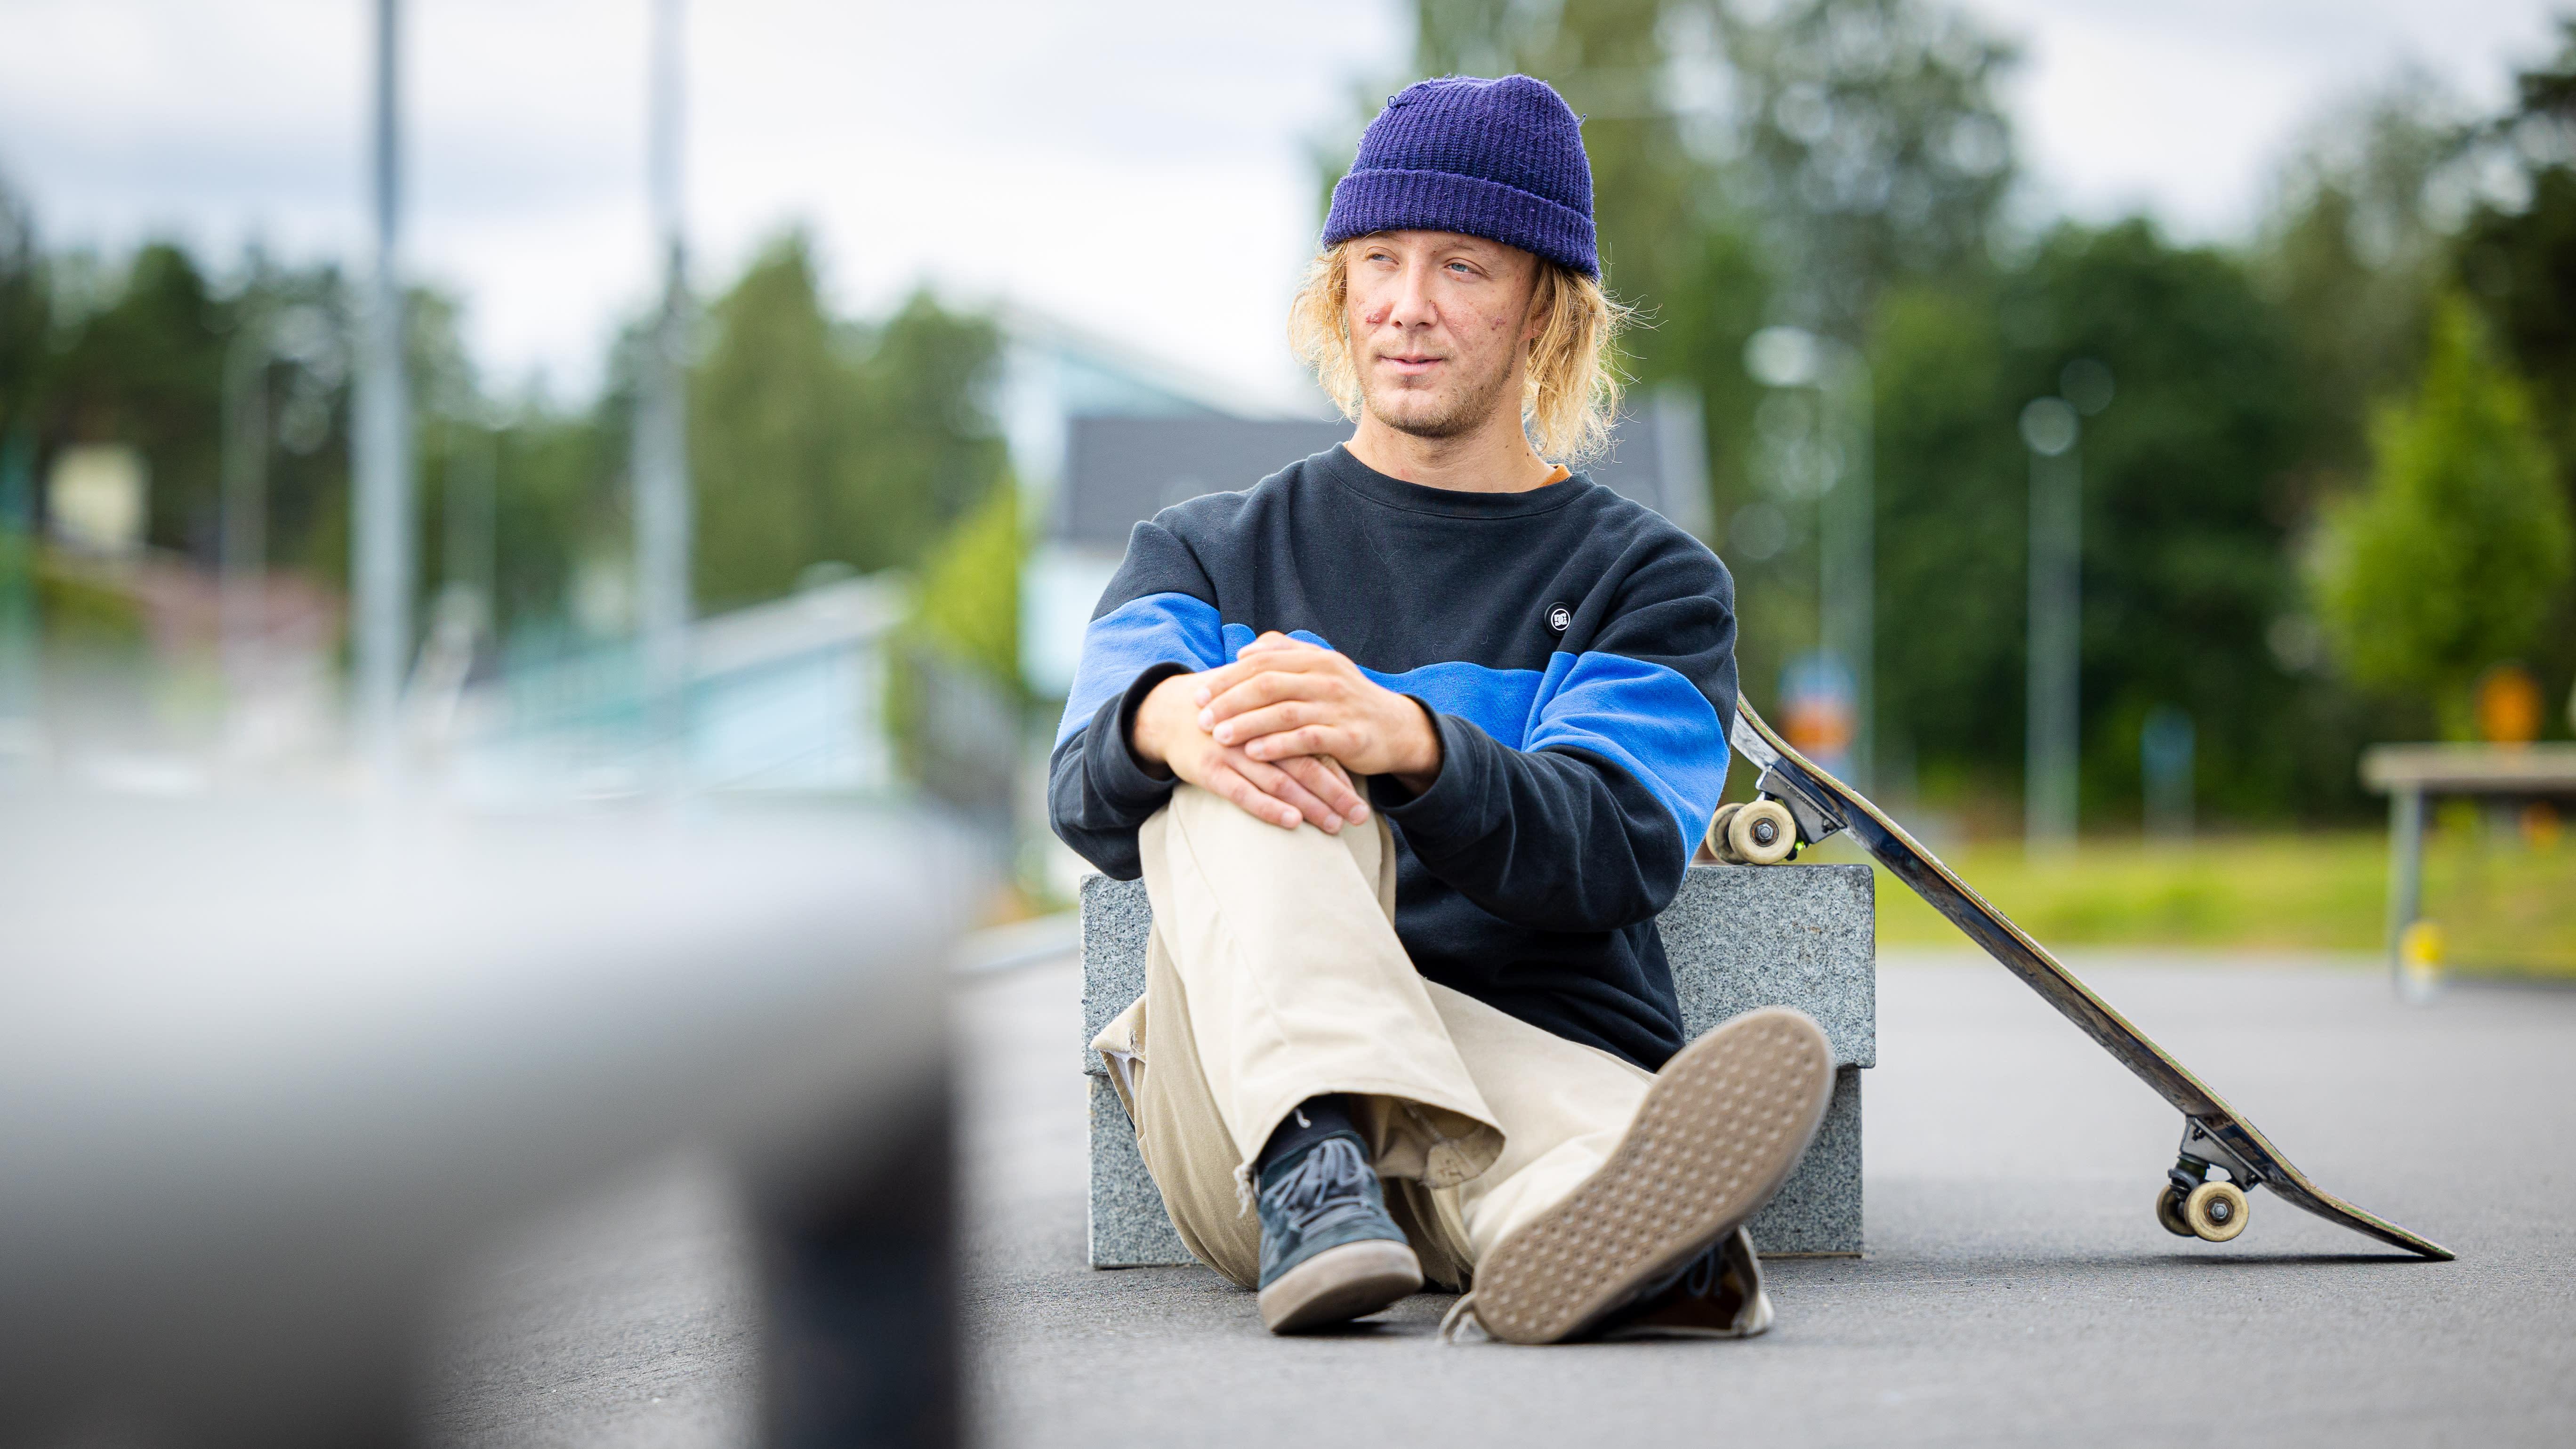 Lapsena Jaakko Pesosen kallo puristi hänen aivonsa kasaan, mutta nyt hän on Euroopan huippuja amatööriskeittauksessa.